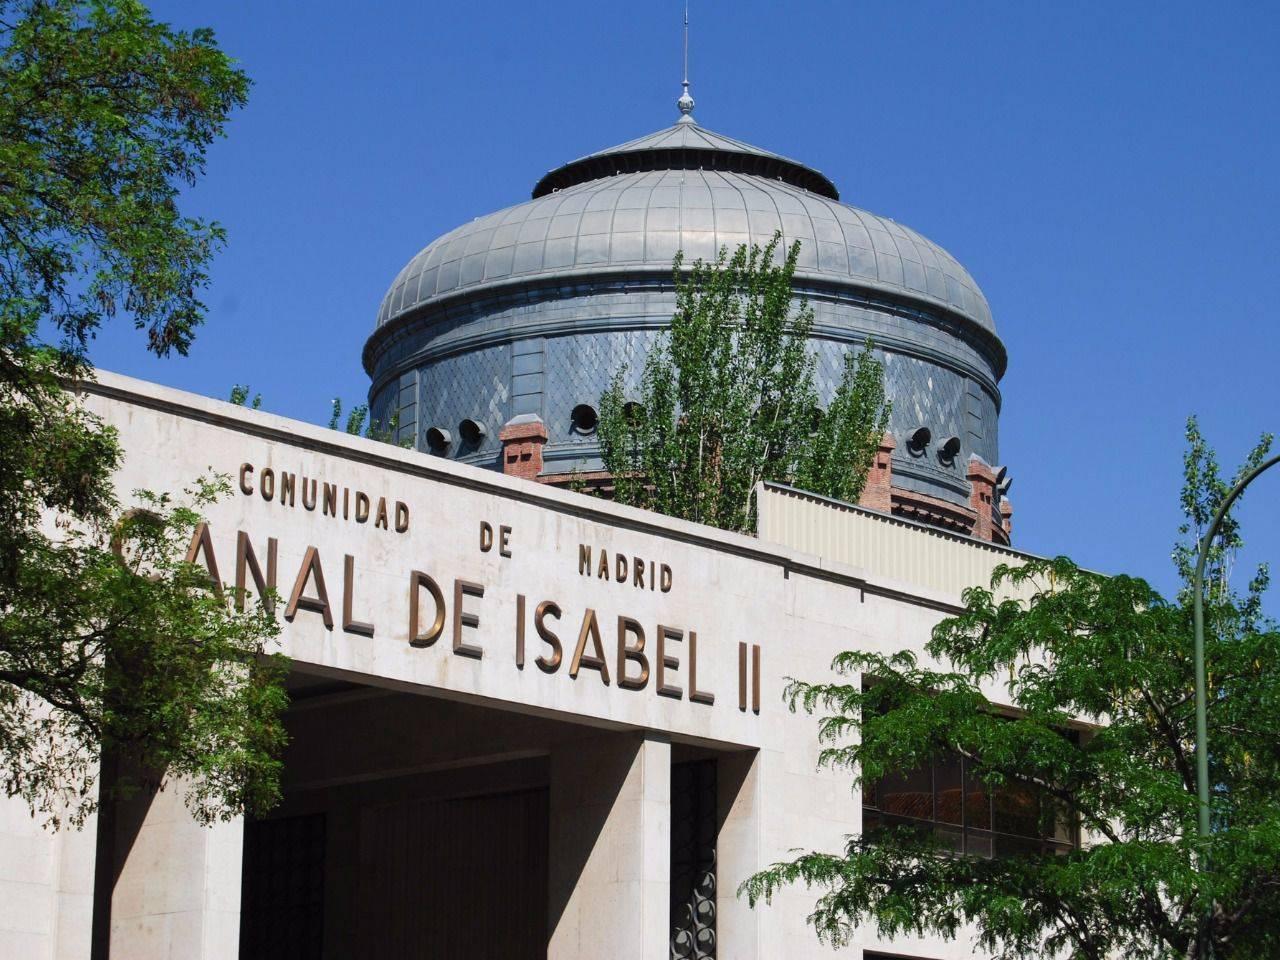 Las instalaciones del canal de isabel ii en chamber for Oficinas canal isabel ii madrid